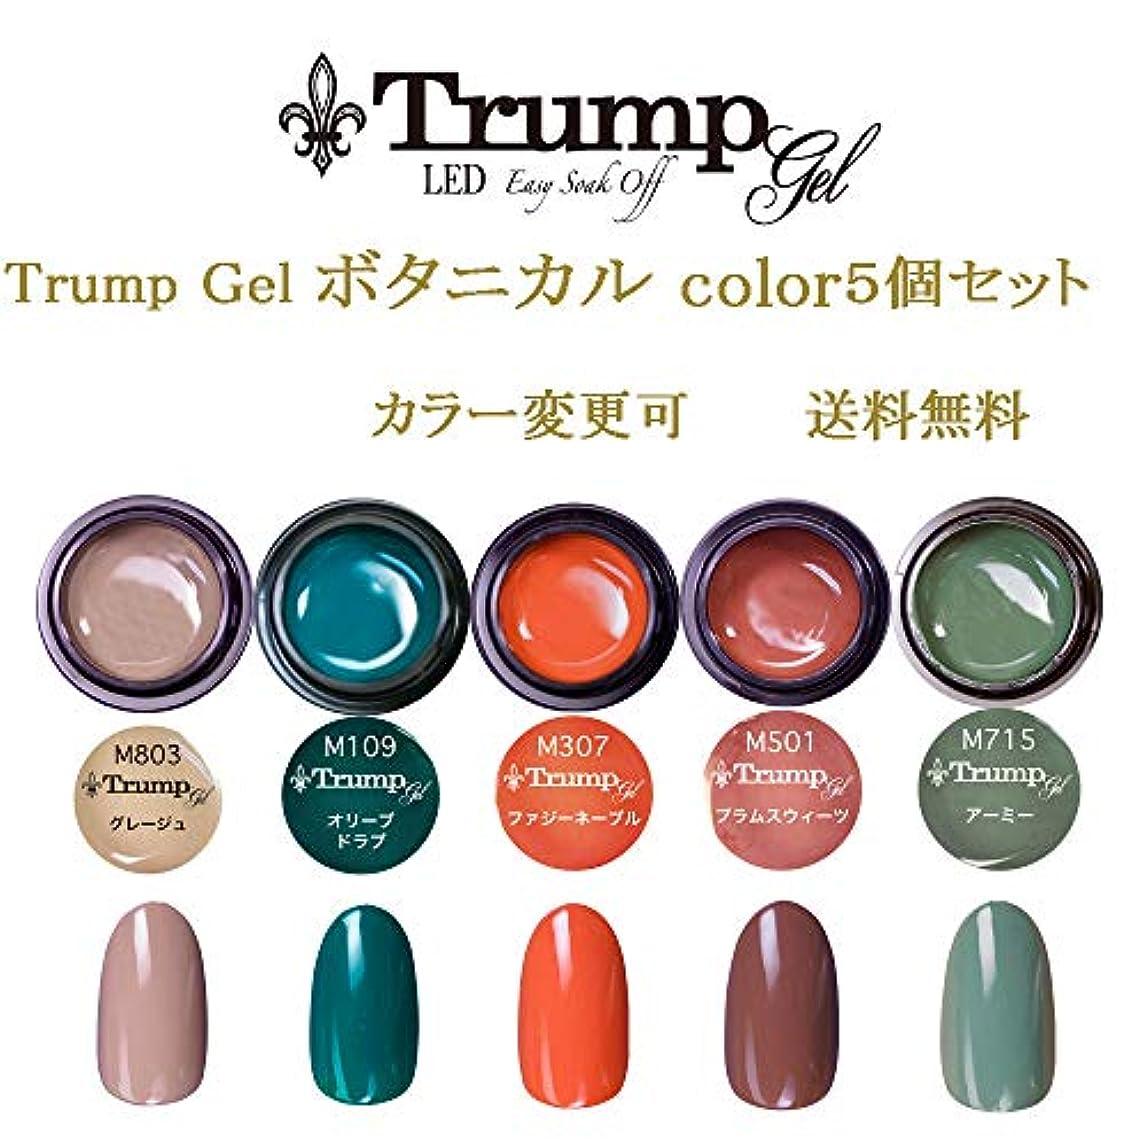 露出度の高い不測の事態制限する日本製 Trump gel トランプジェル ボタニカルカラー 選べる カラージェル 5個セット カーキー ベージュ グリーン